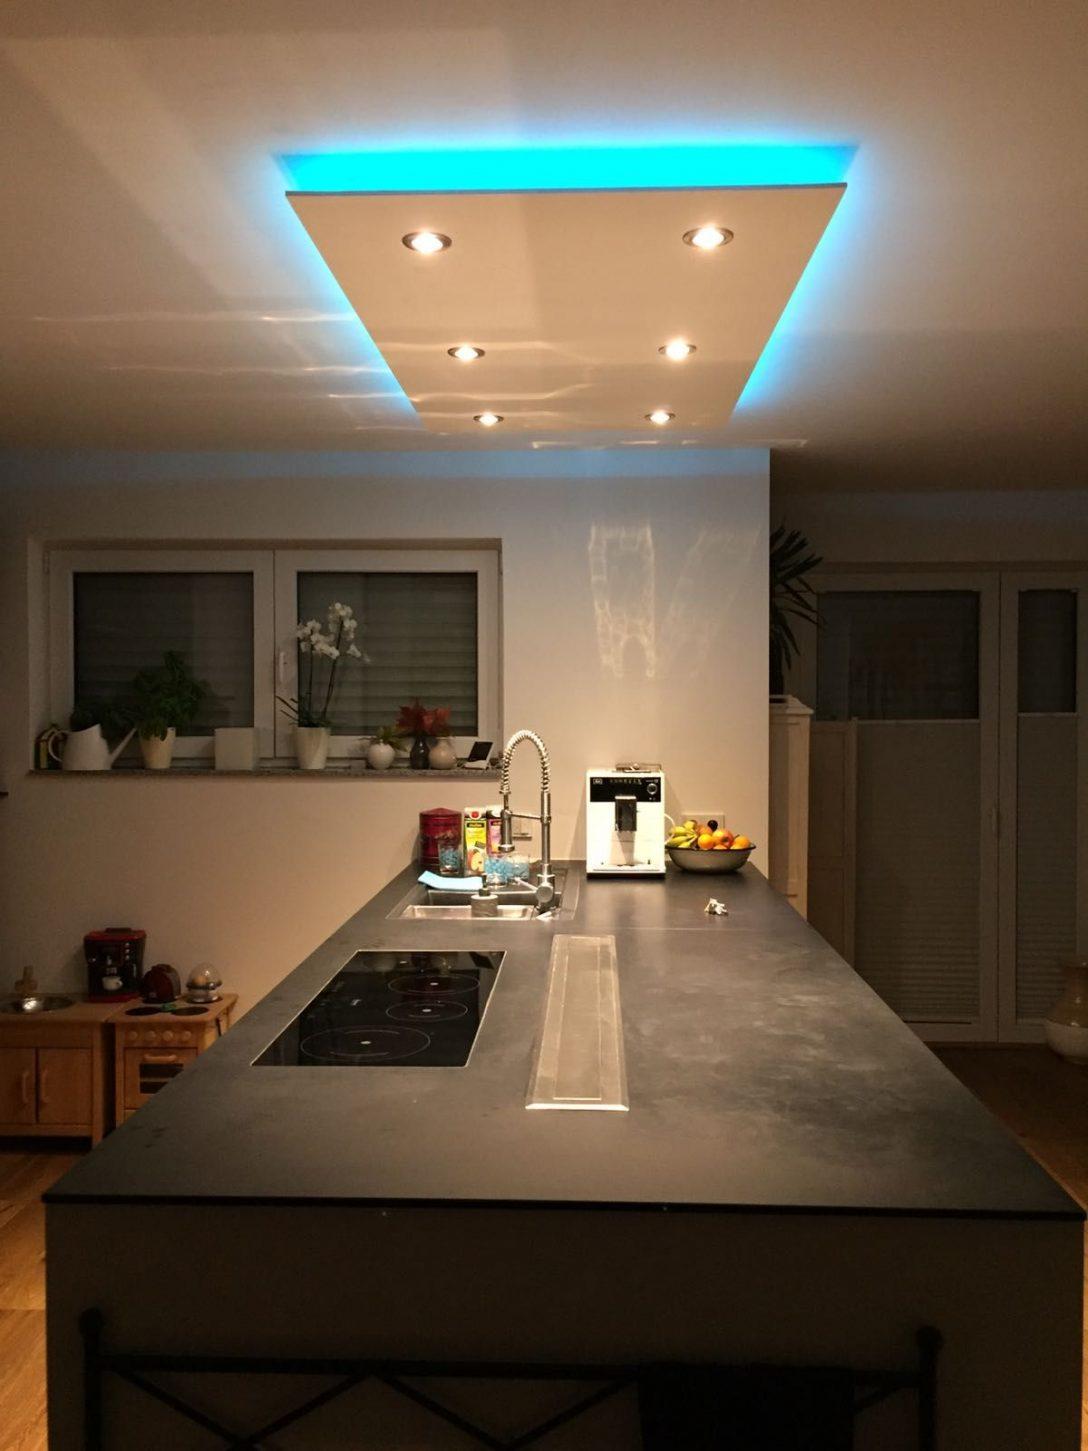 Large Size of Deckenleuchte Küche Ebay Deckenleuchte Lampe Küche Deckenleuchte Küche Halogen Hochwertige Deckenleuchten Küche Küche Deckenleuchten Küche